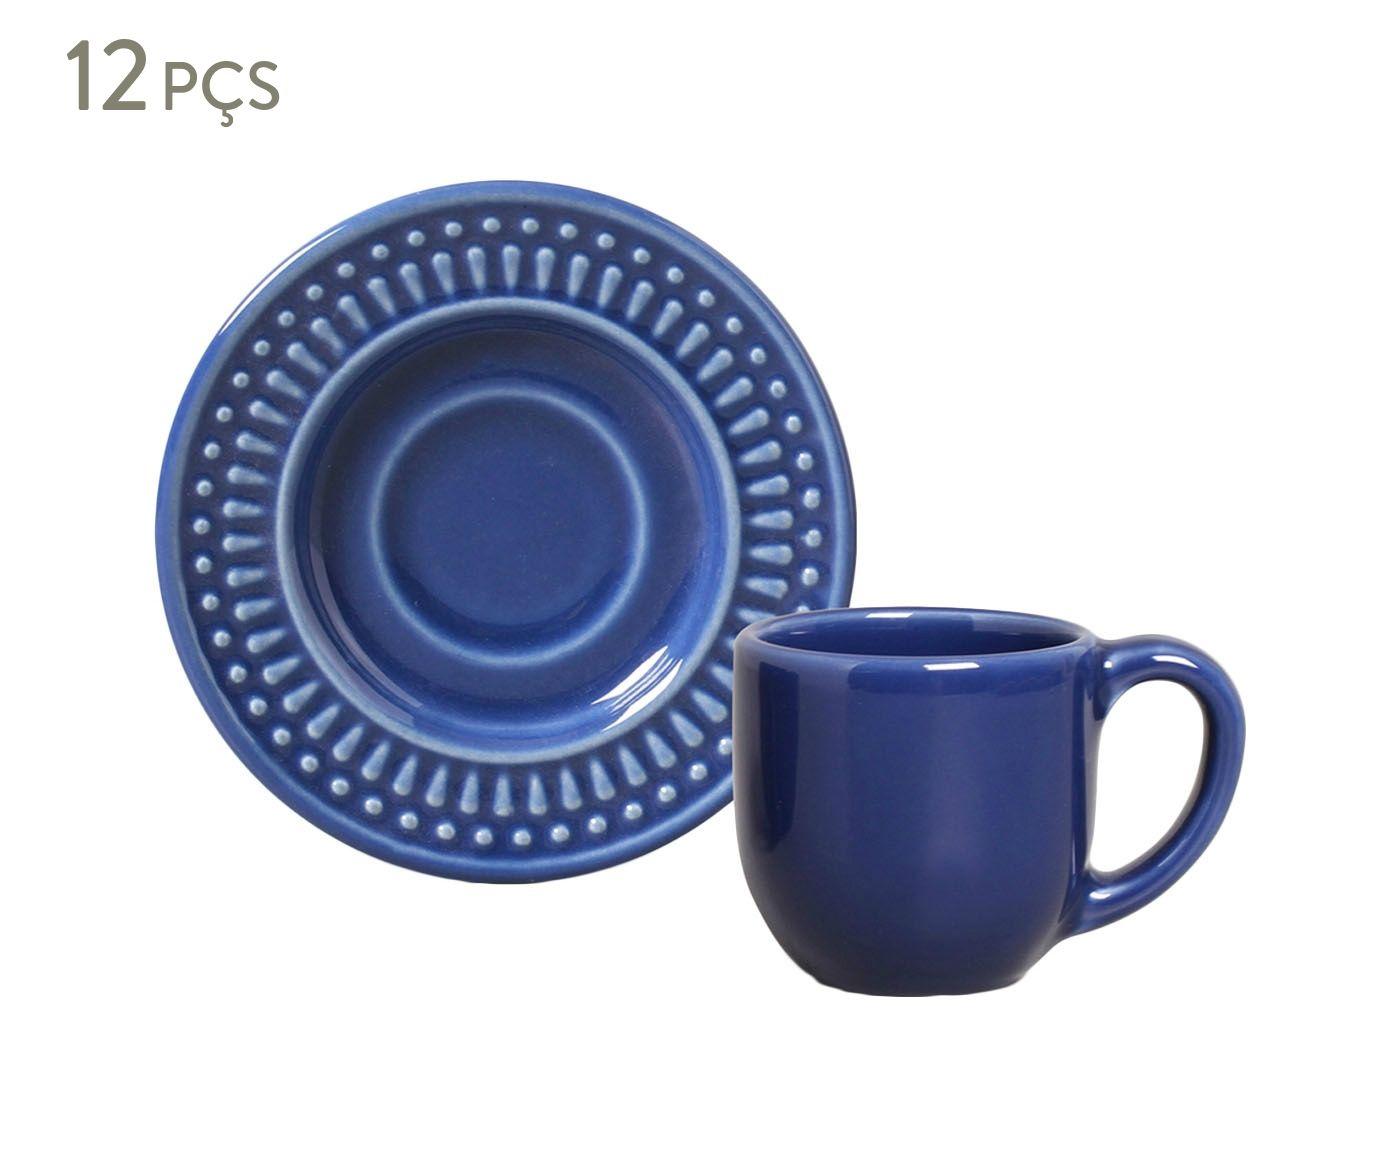 Jogo de Xícaras para Café com Pires Roma Azul Navy - 75ml   Westwing.com.br